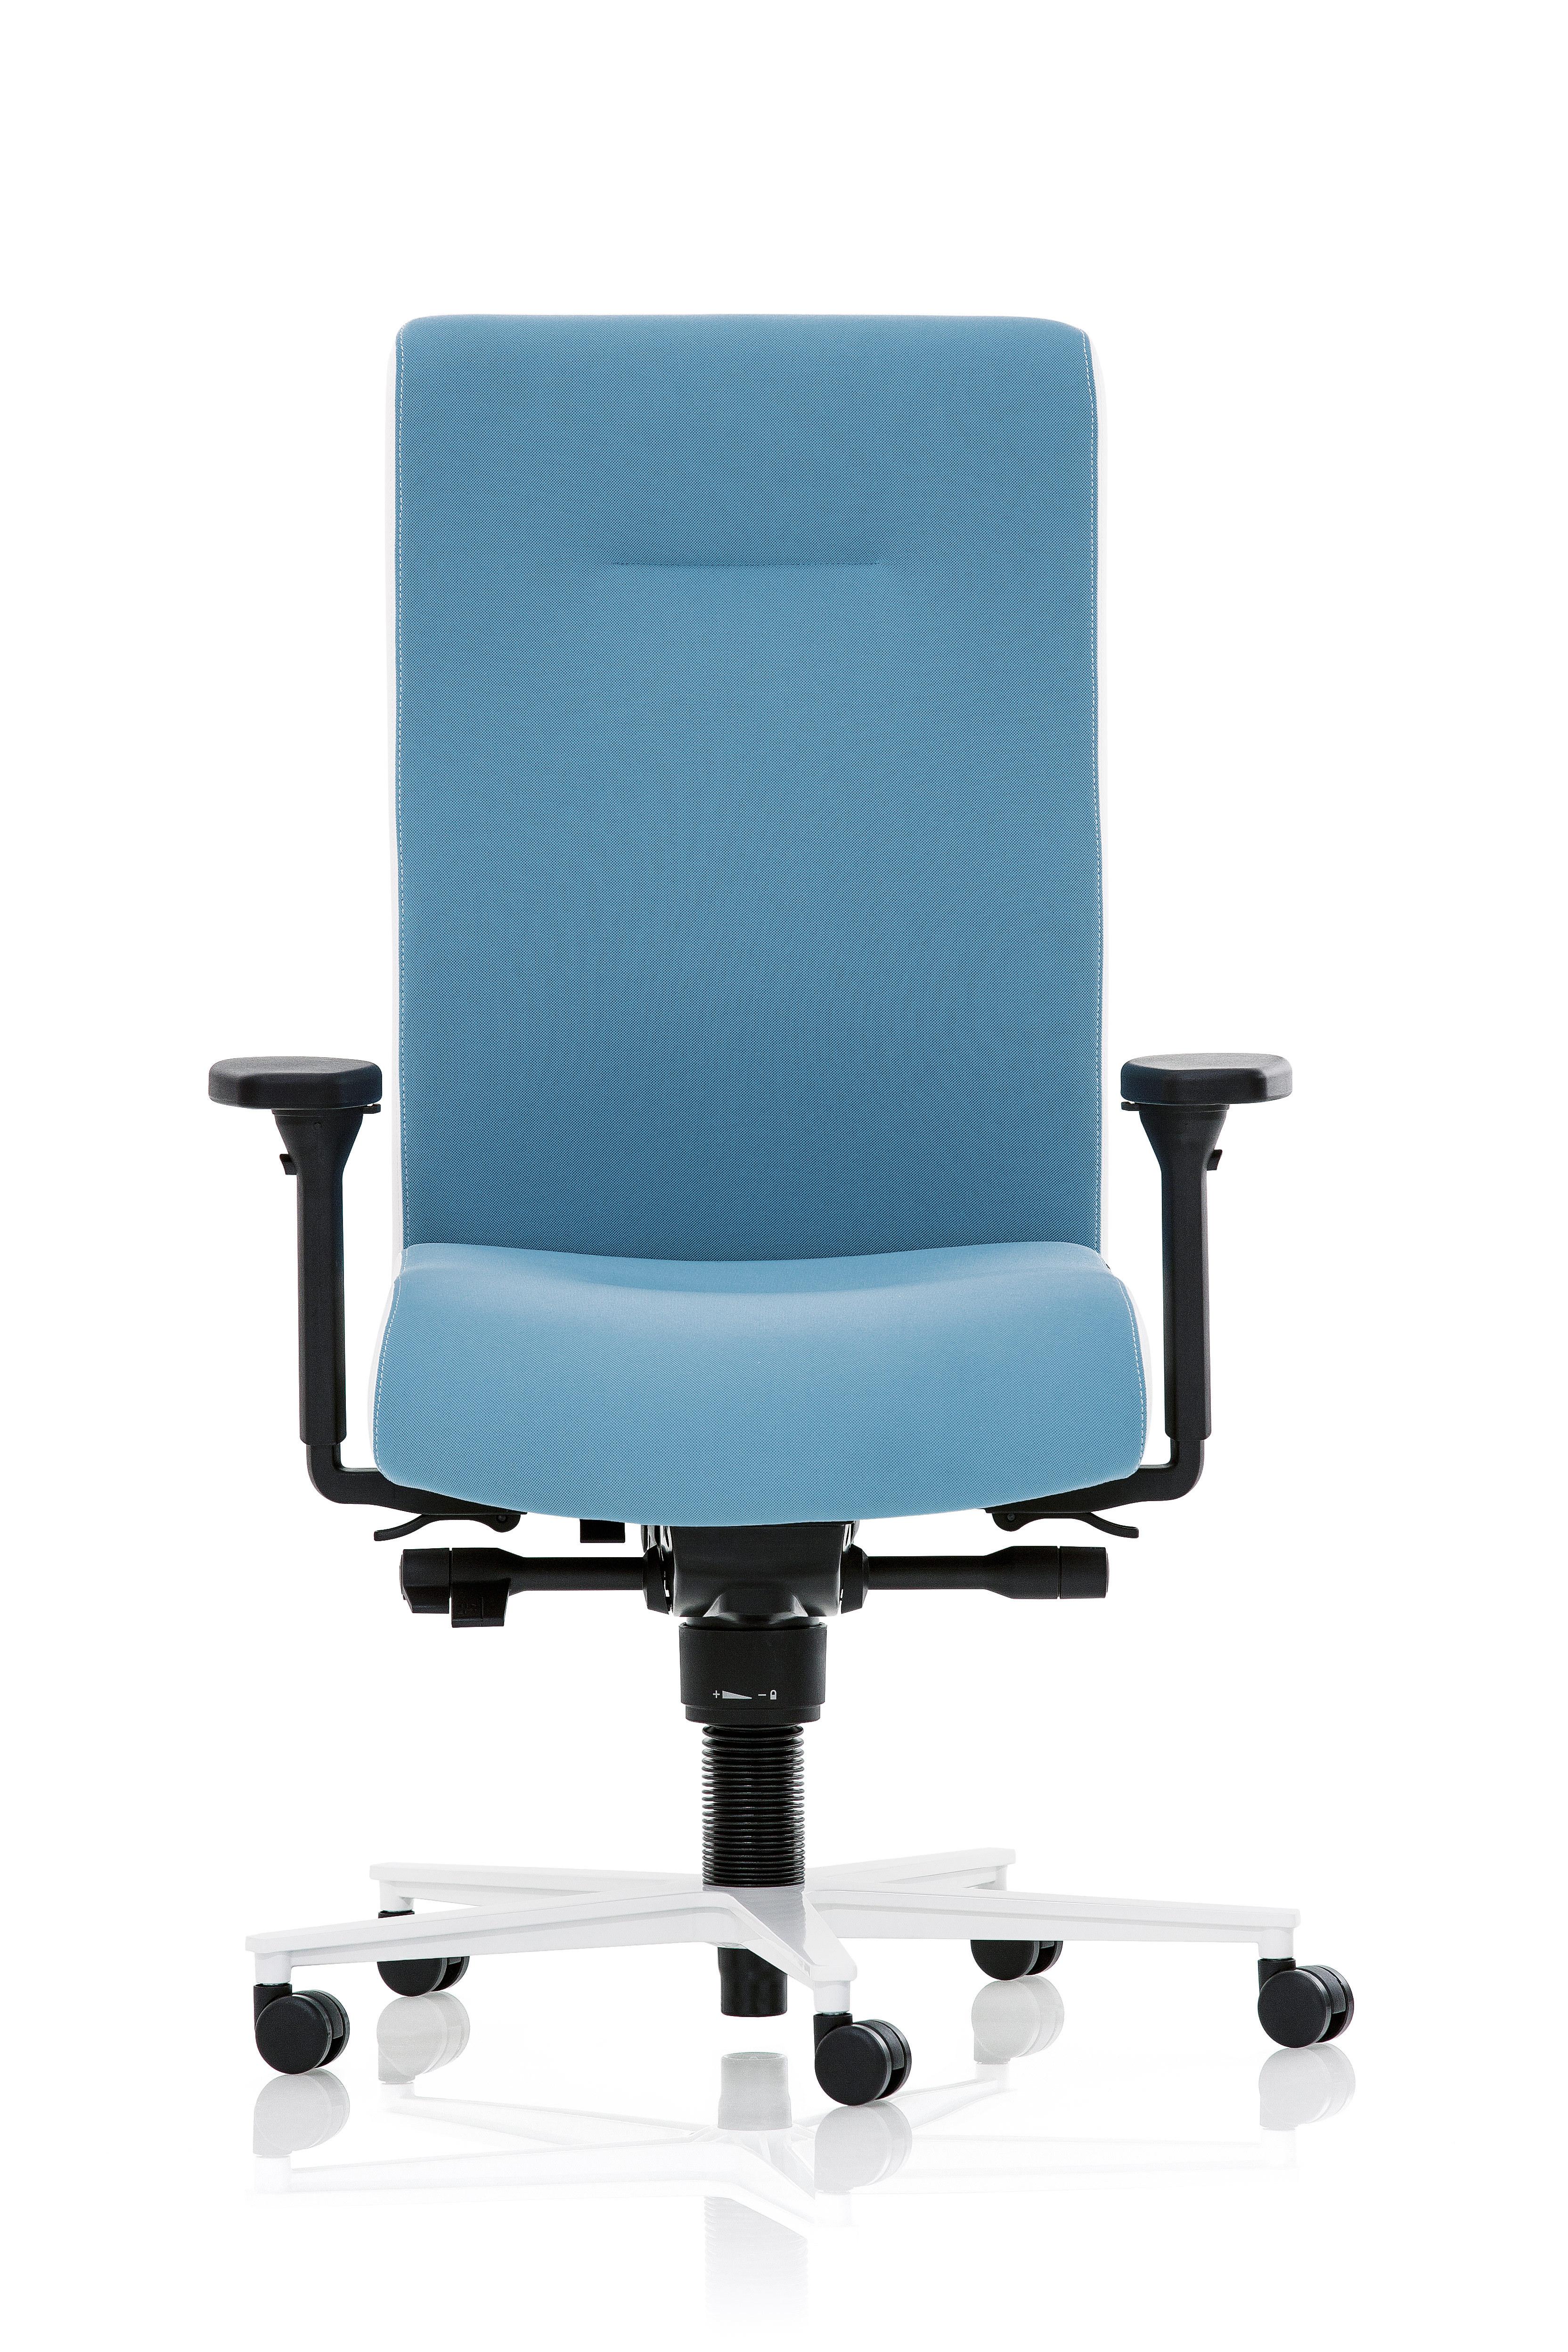 art-office-shop-rovo-chair-xp-4020-eb